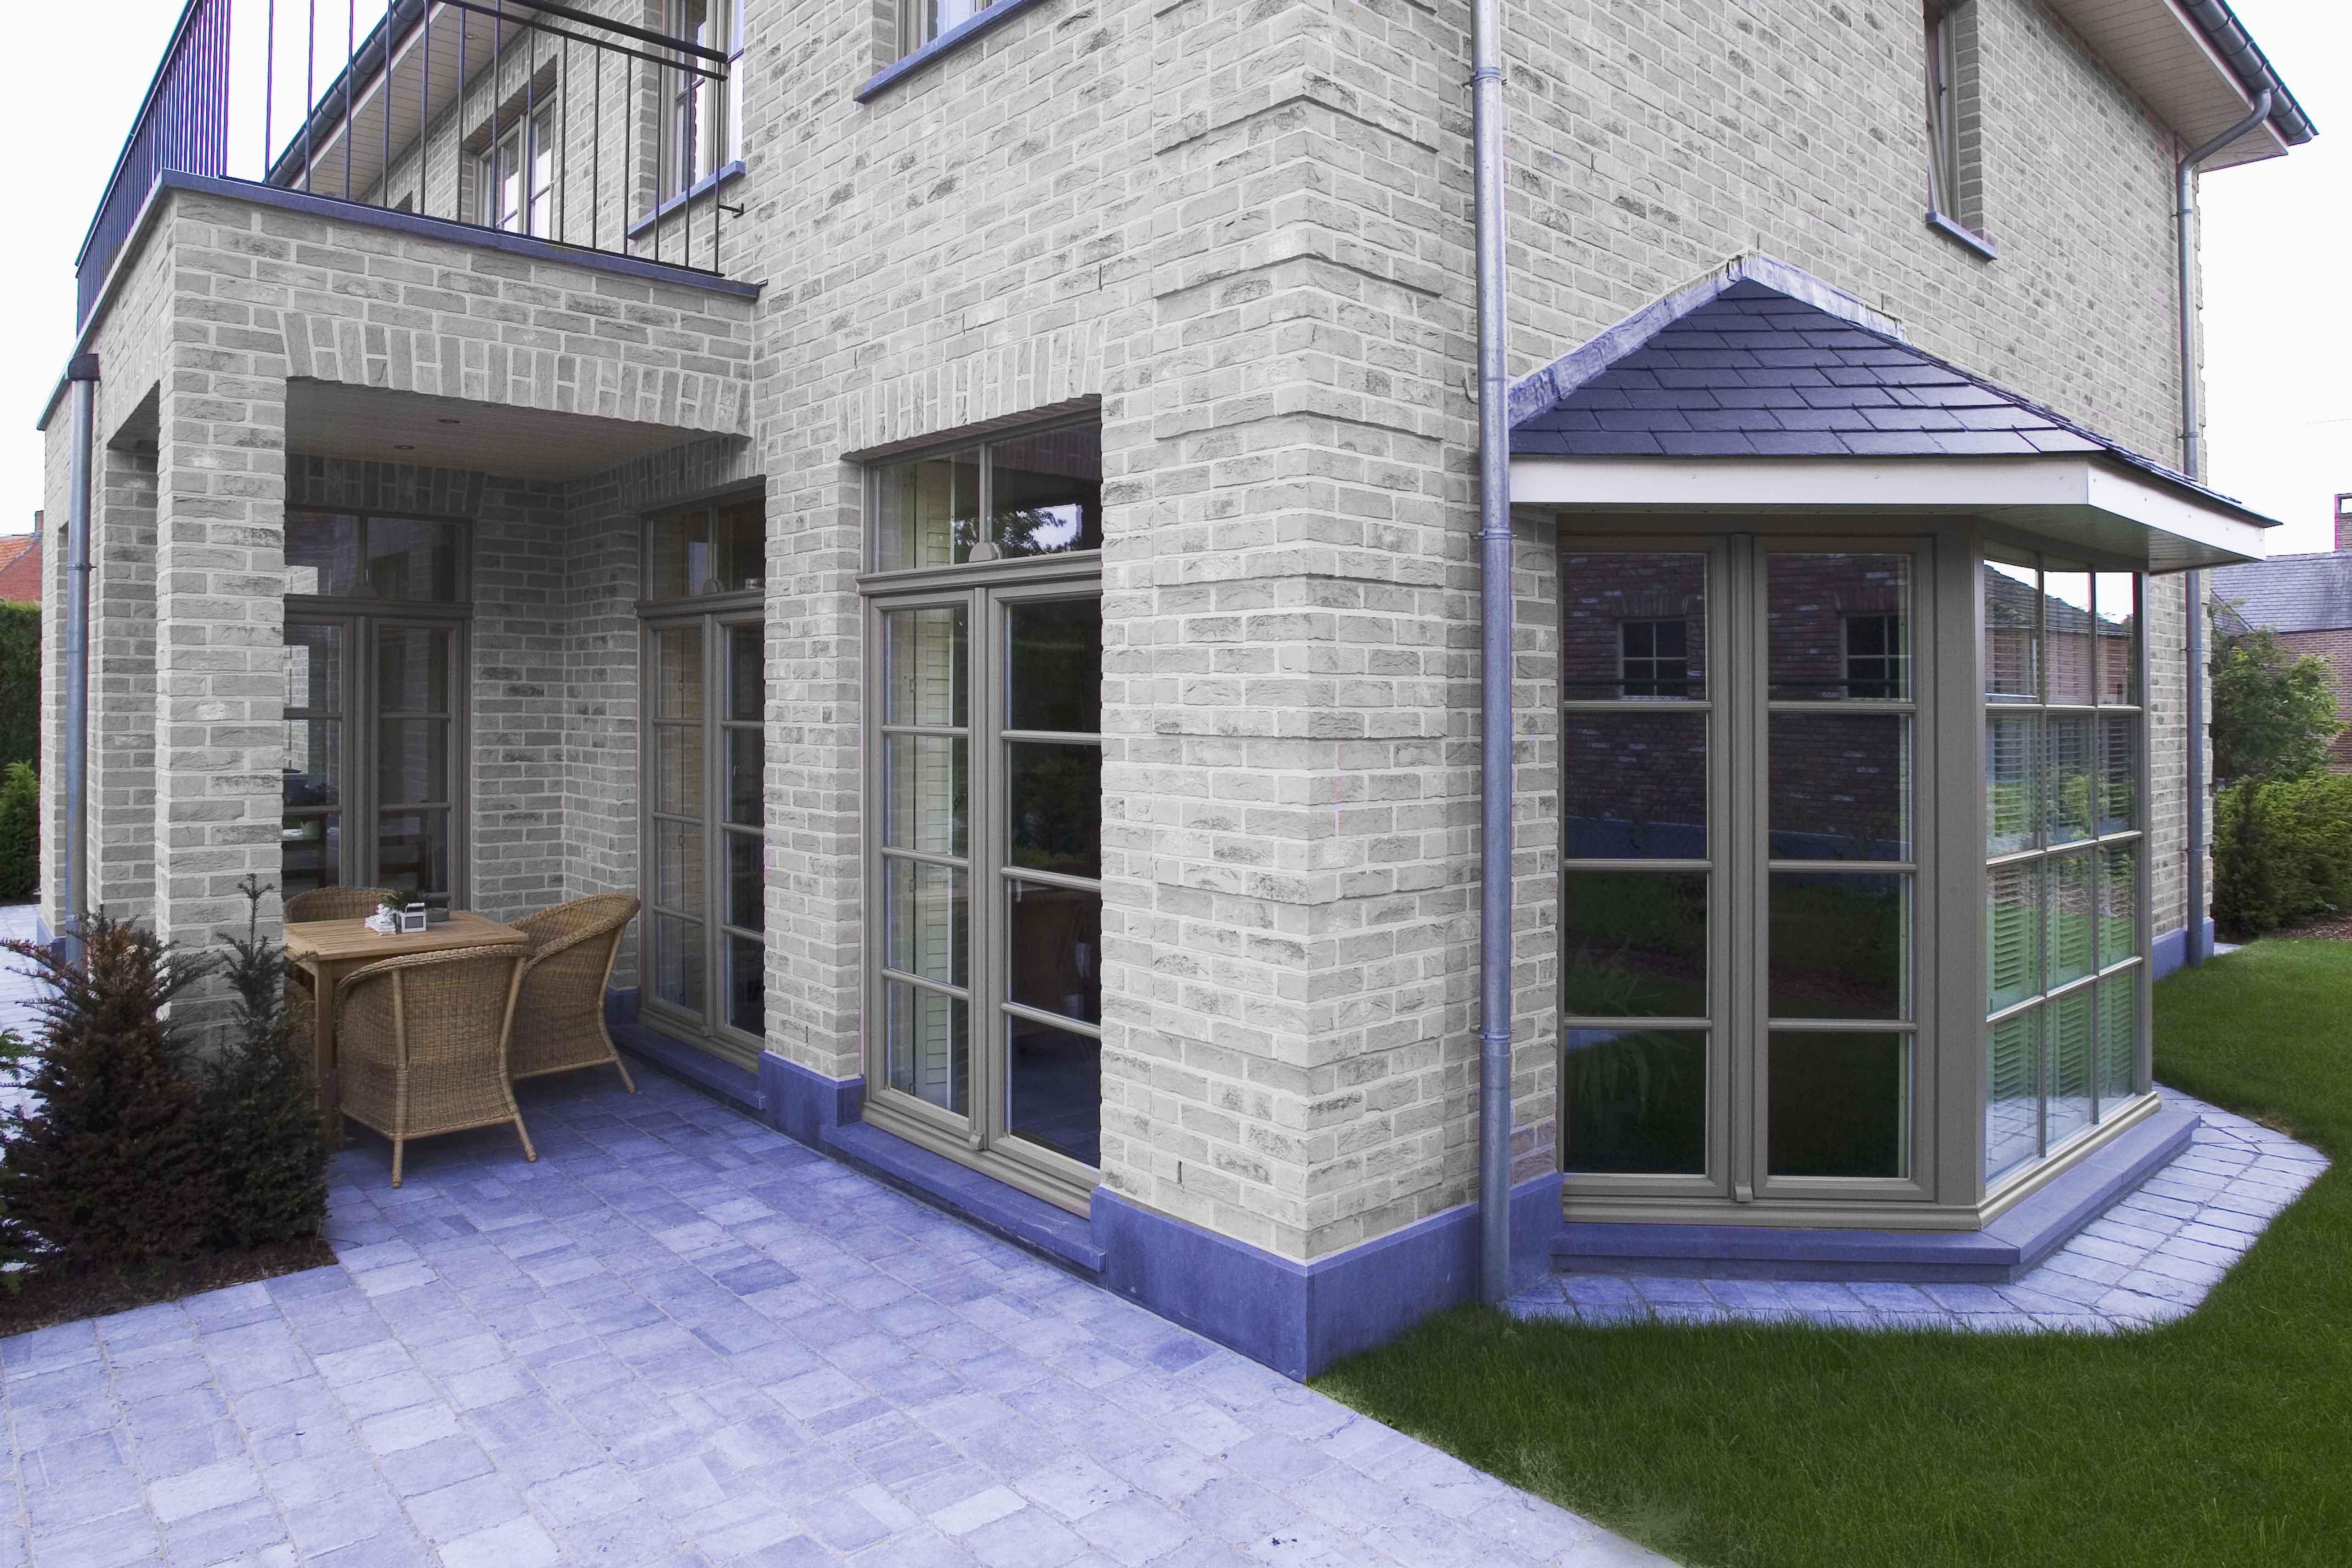 Klassieke woning met trapeziumvormige erker.